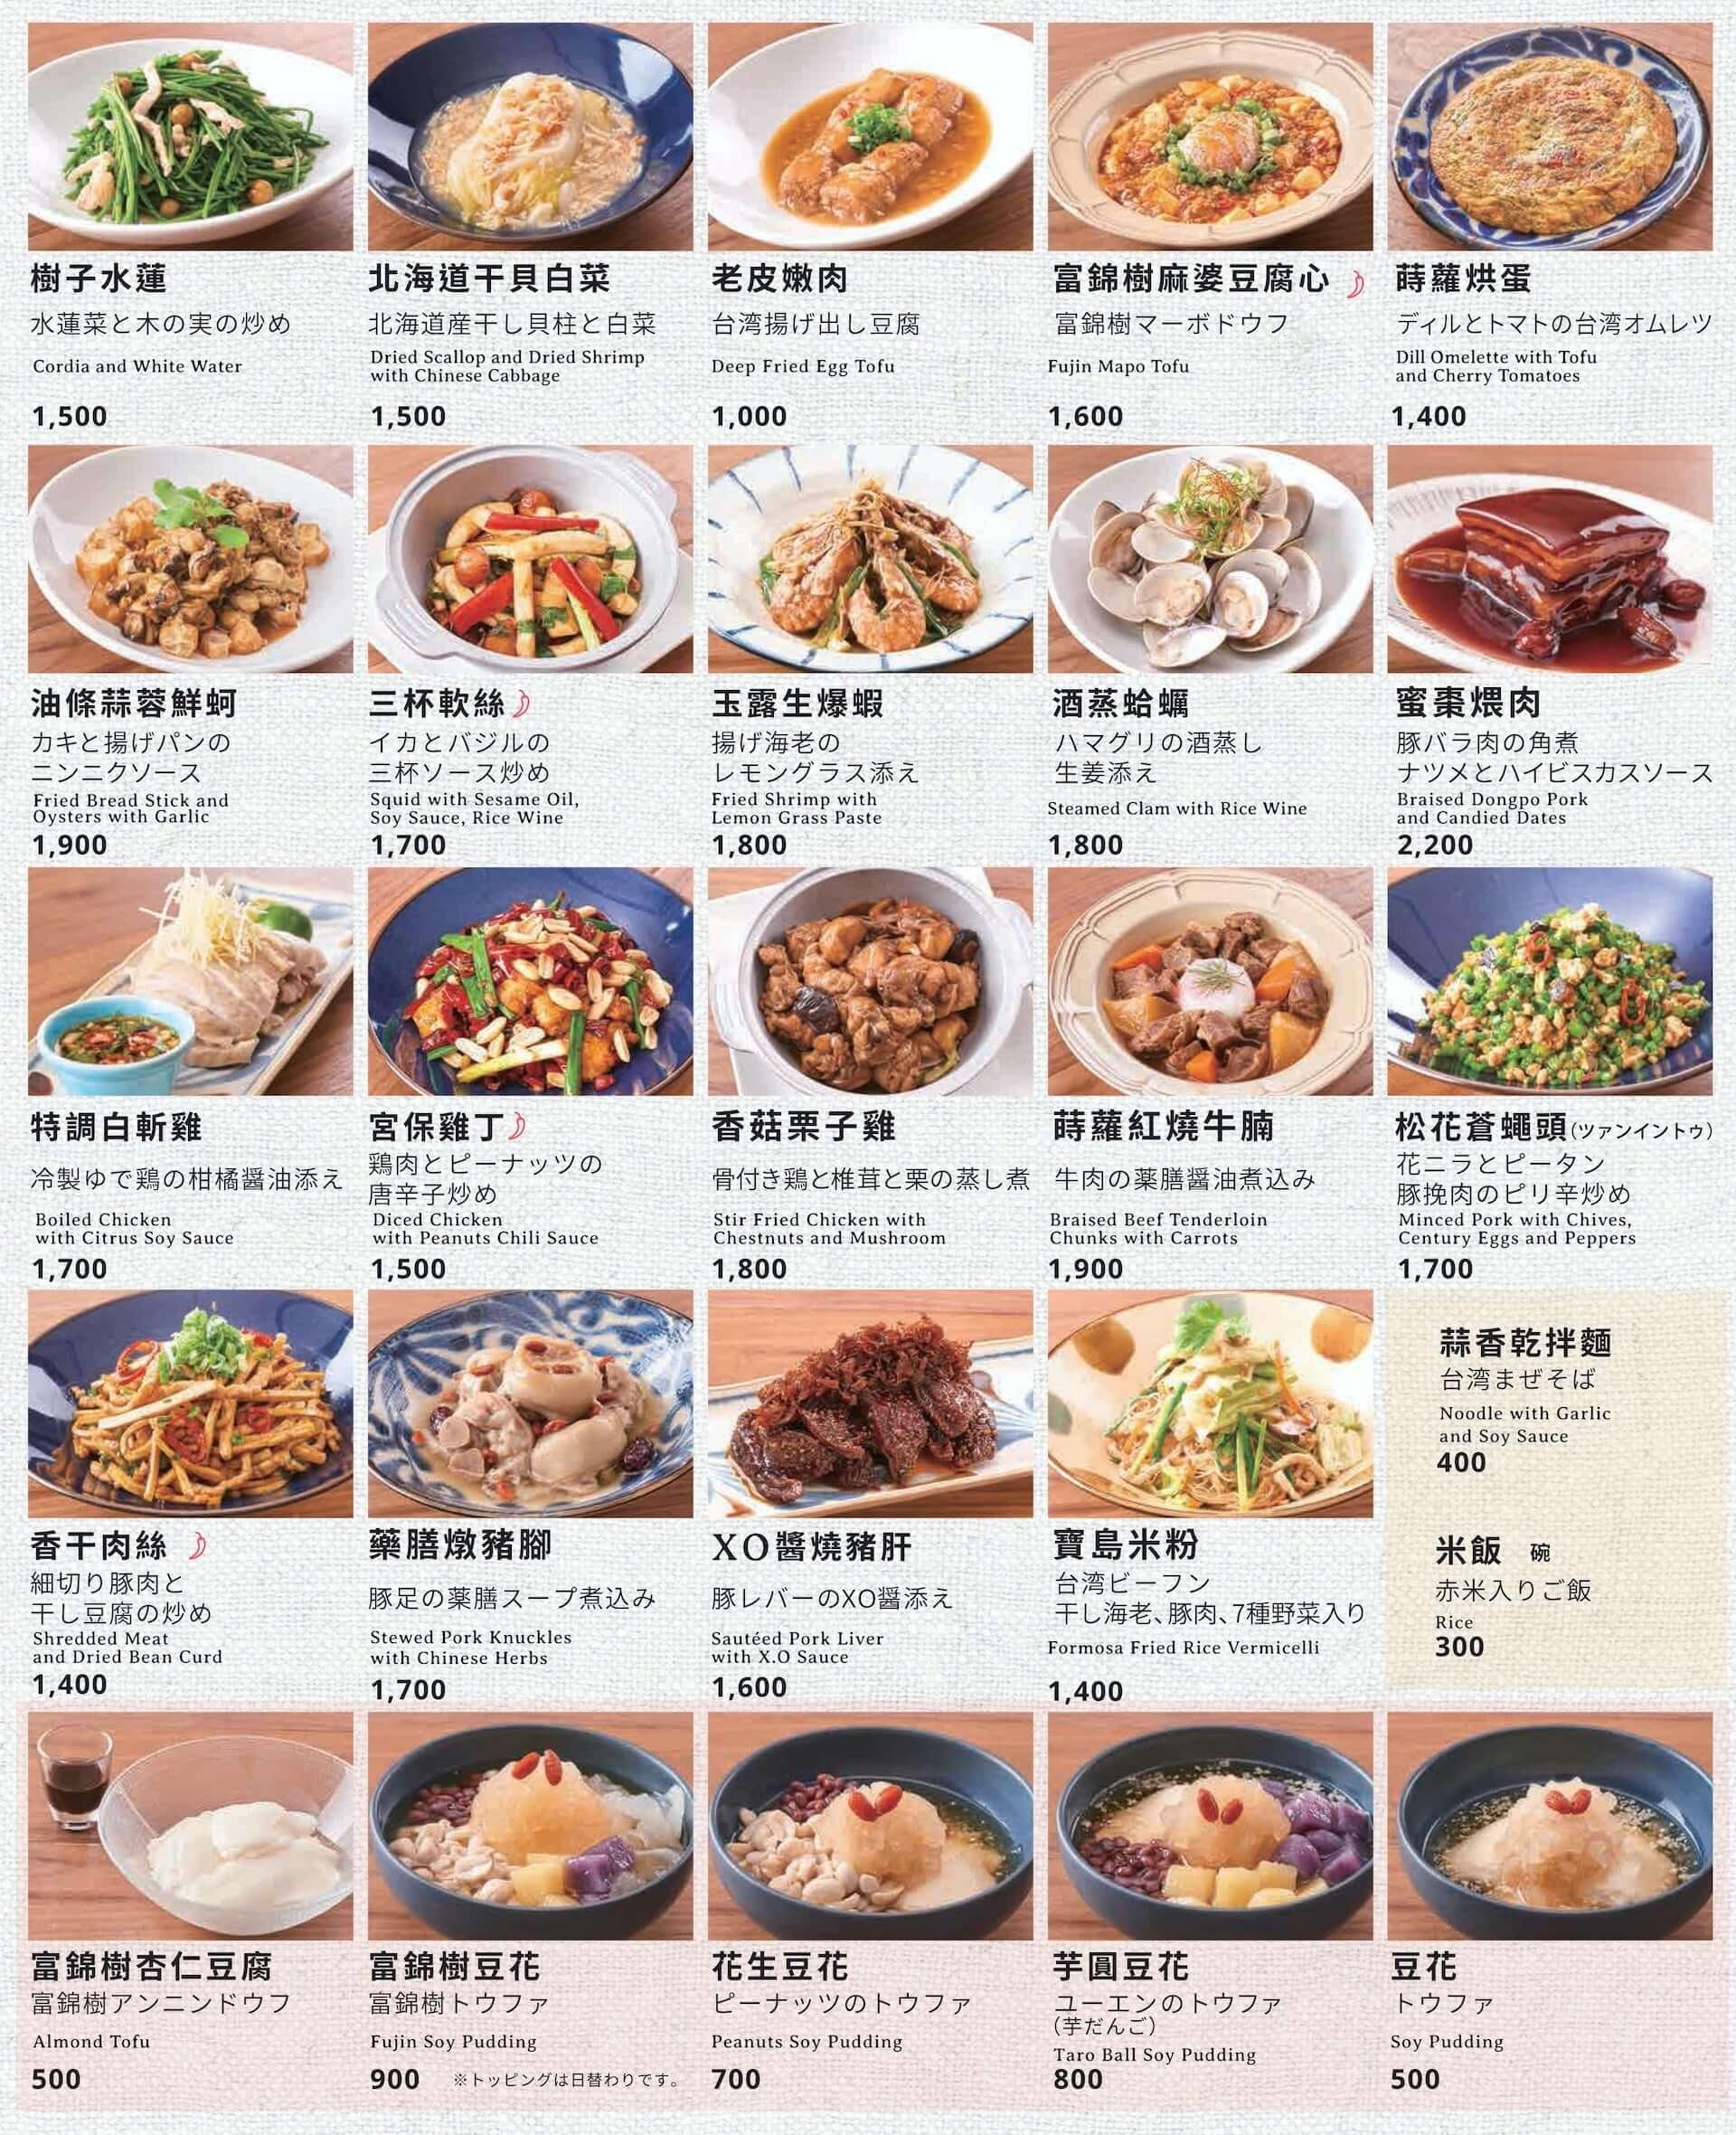 政府が勧める台湾料理!日本に初上陸した富錦樹台菜香檳・室町店がフードメニューのテイクアウトサービスを開始 gourmet200326_fujintree_3-1920x2361